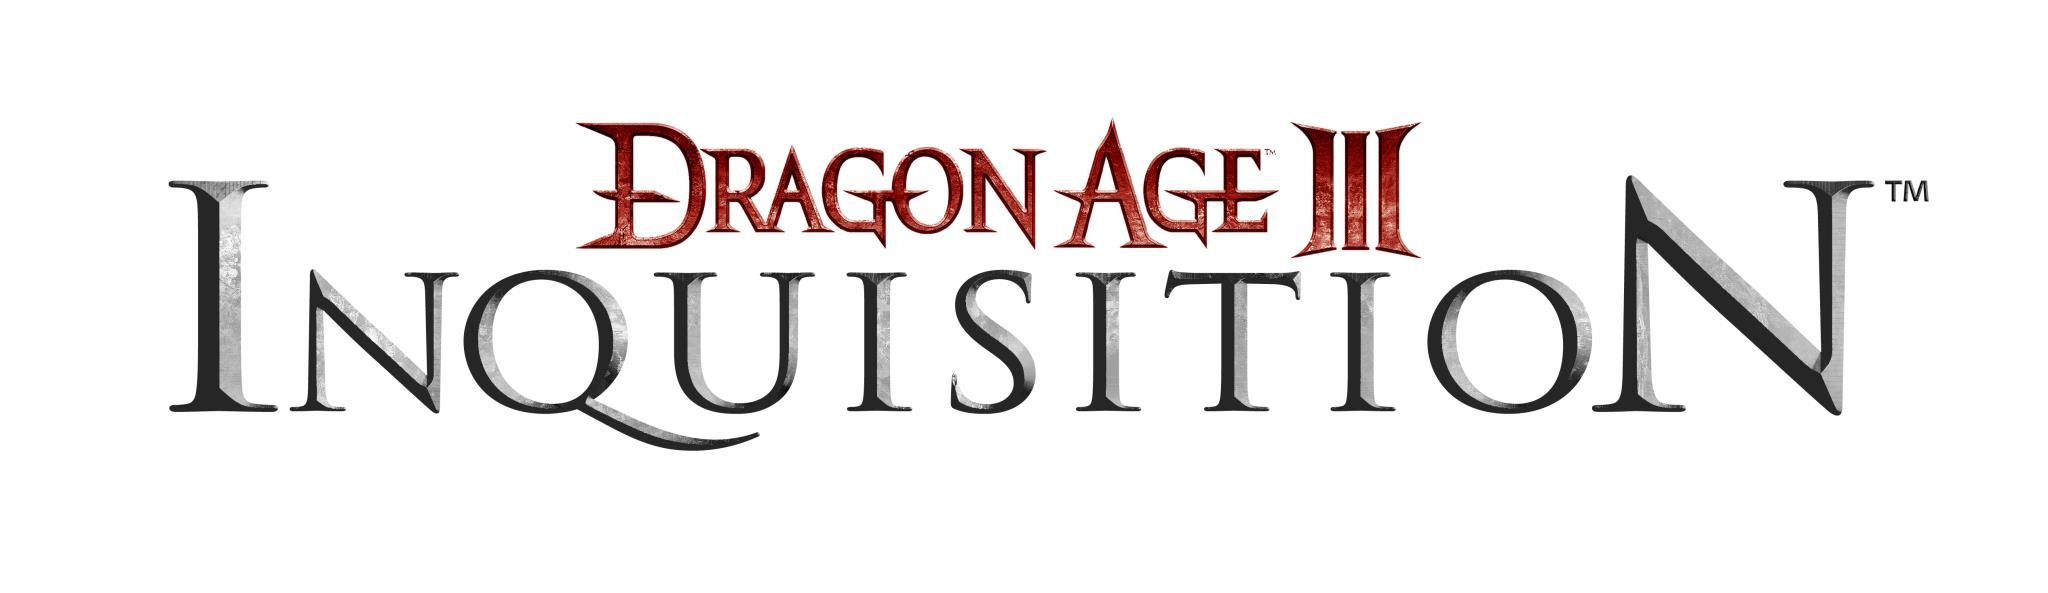 Ответы на вопросы о ремесле и персонализации в «Dragon Age: Инквизиция». - Изображение 1